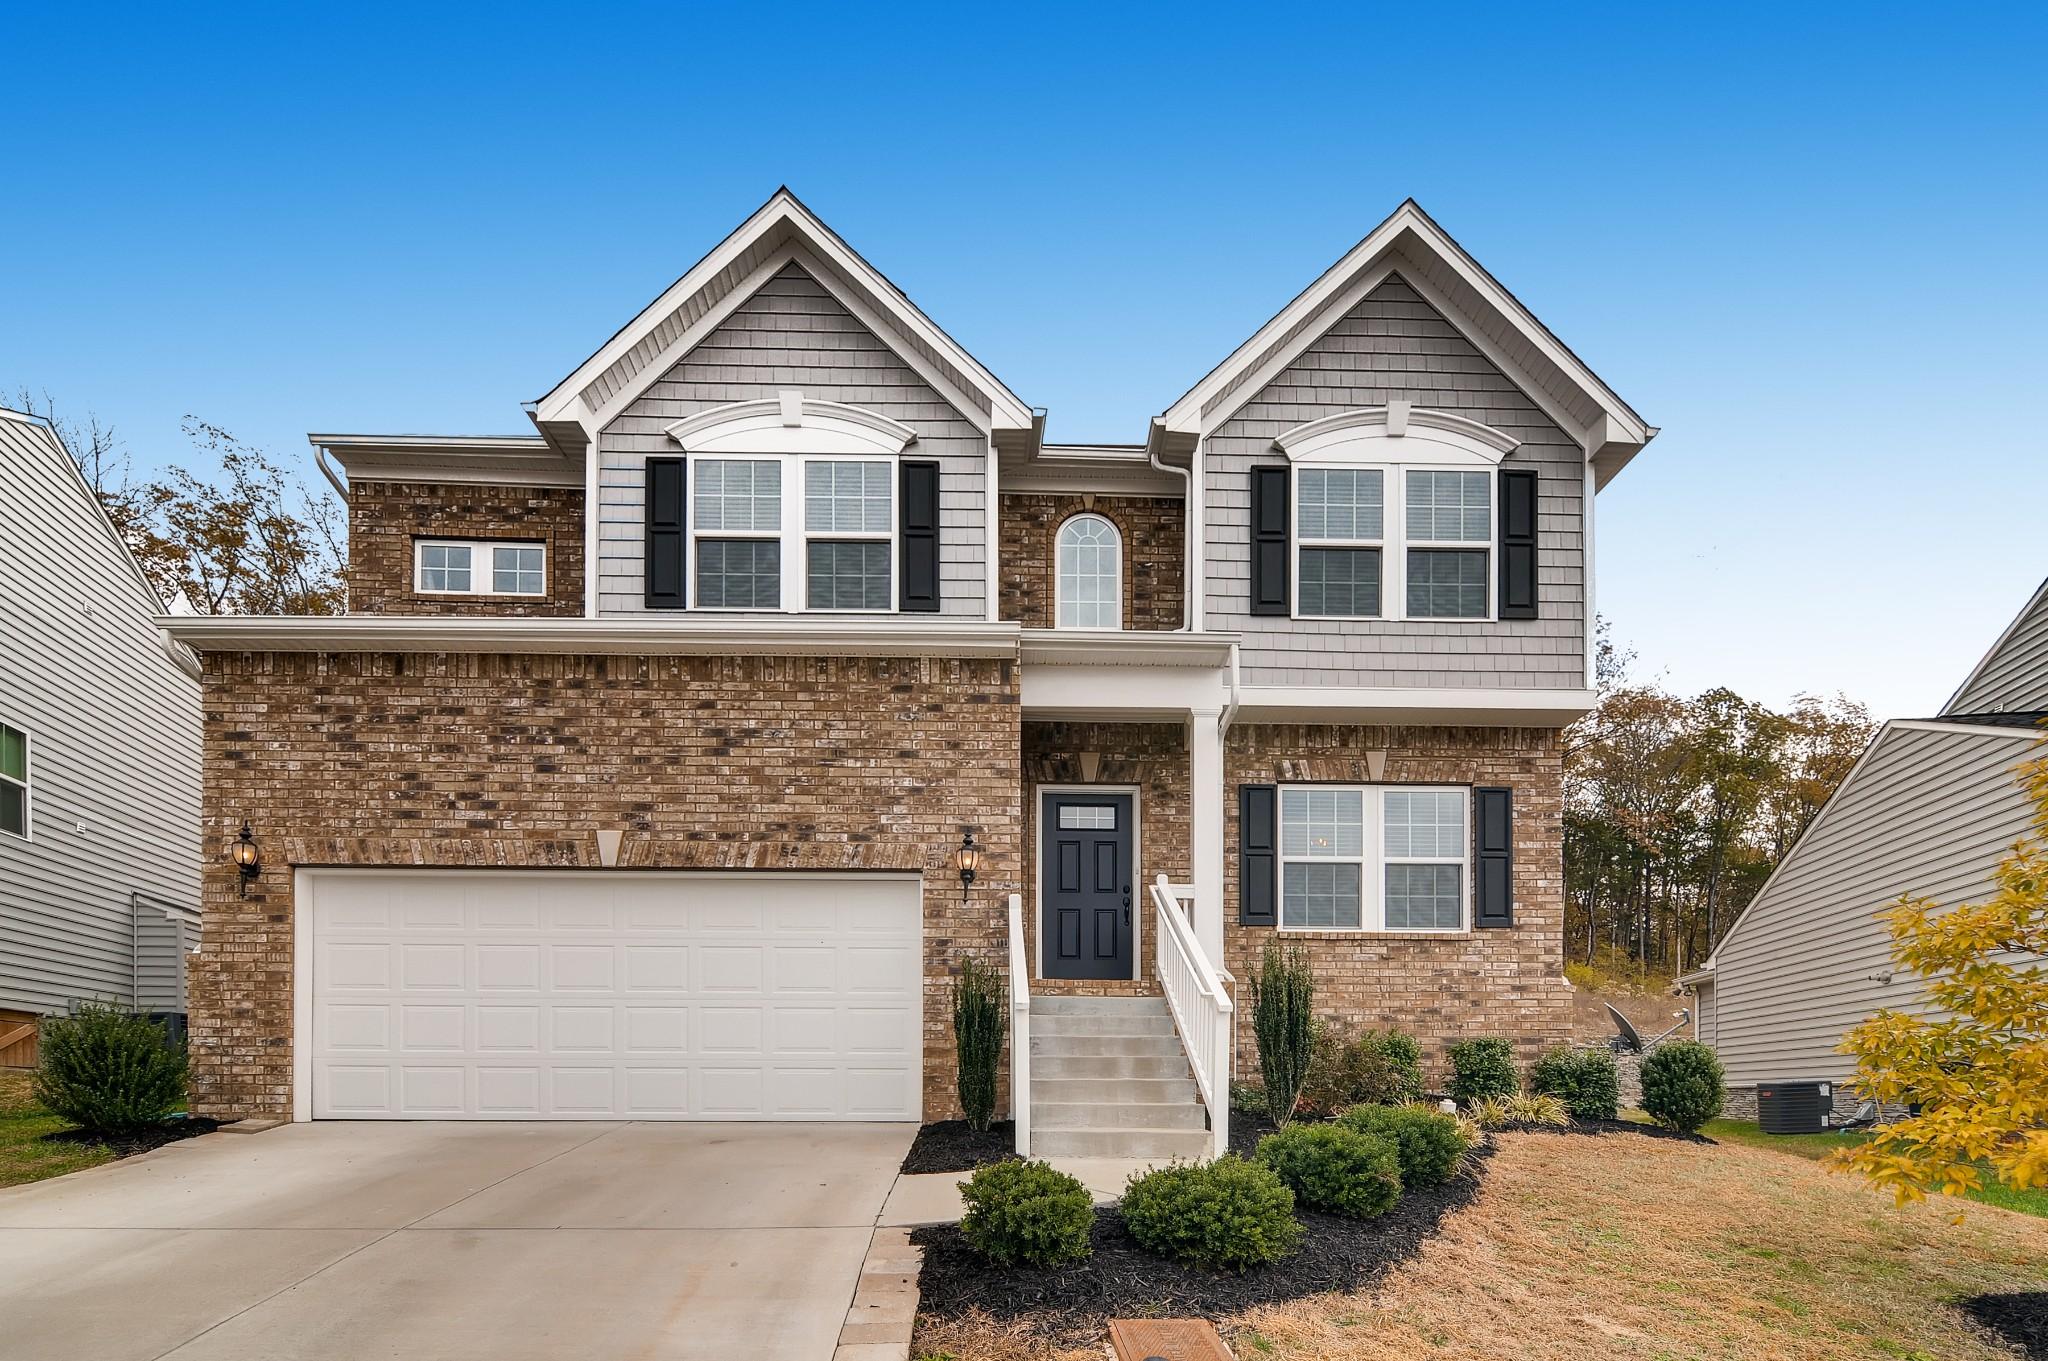 749 Preservation Way, Nashville, TN 37207 - Nashville, TN real estate listing